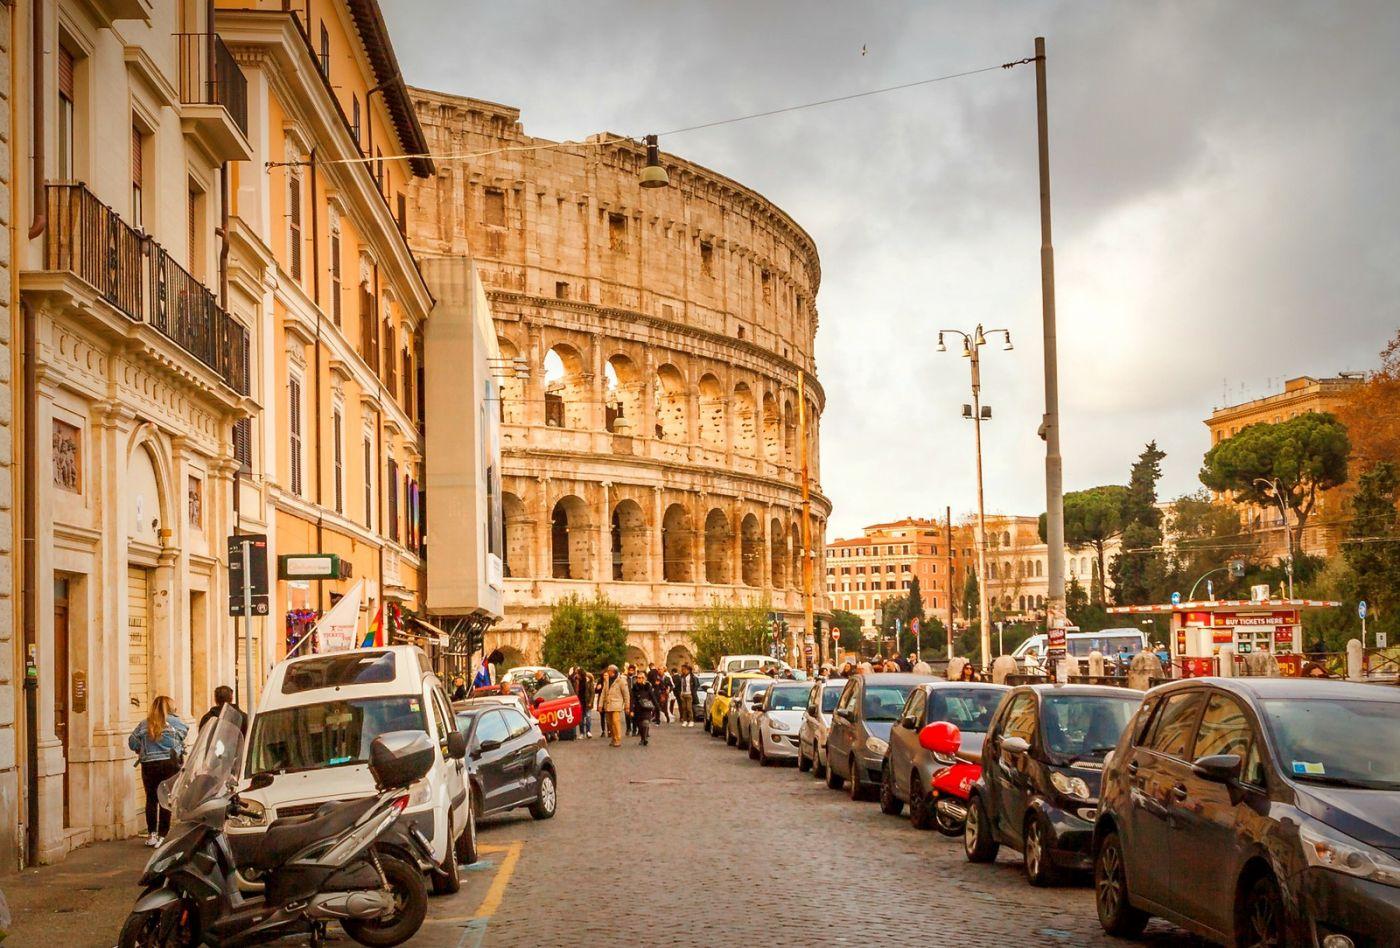 罗马斗兽场(Colosseum), 两千年的宏大建筑古迹_图1-19